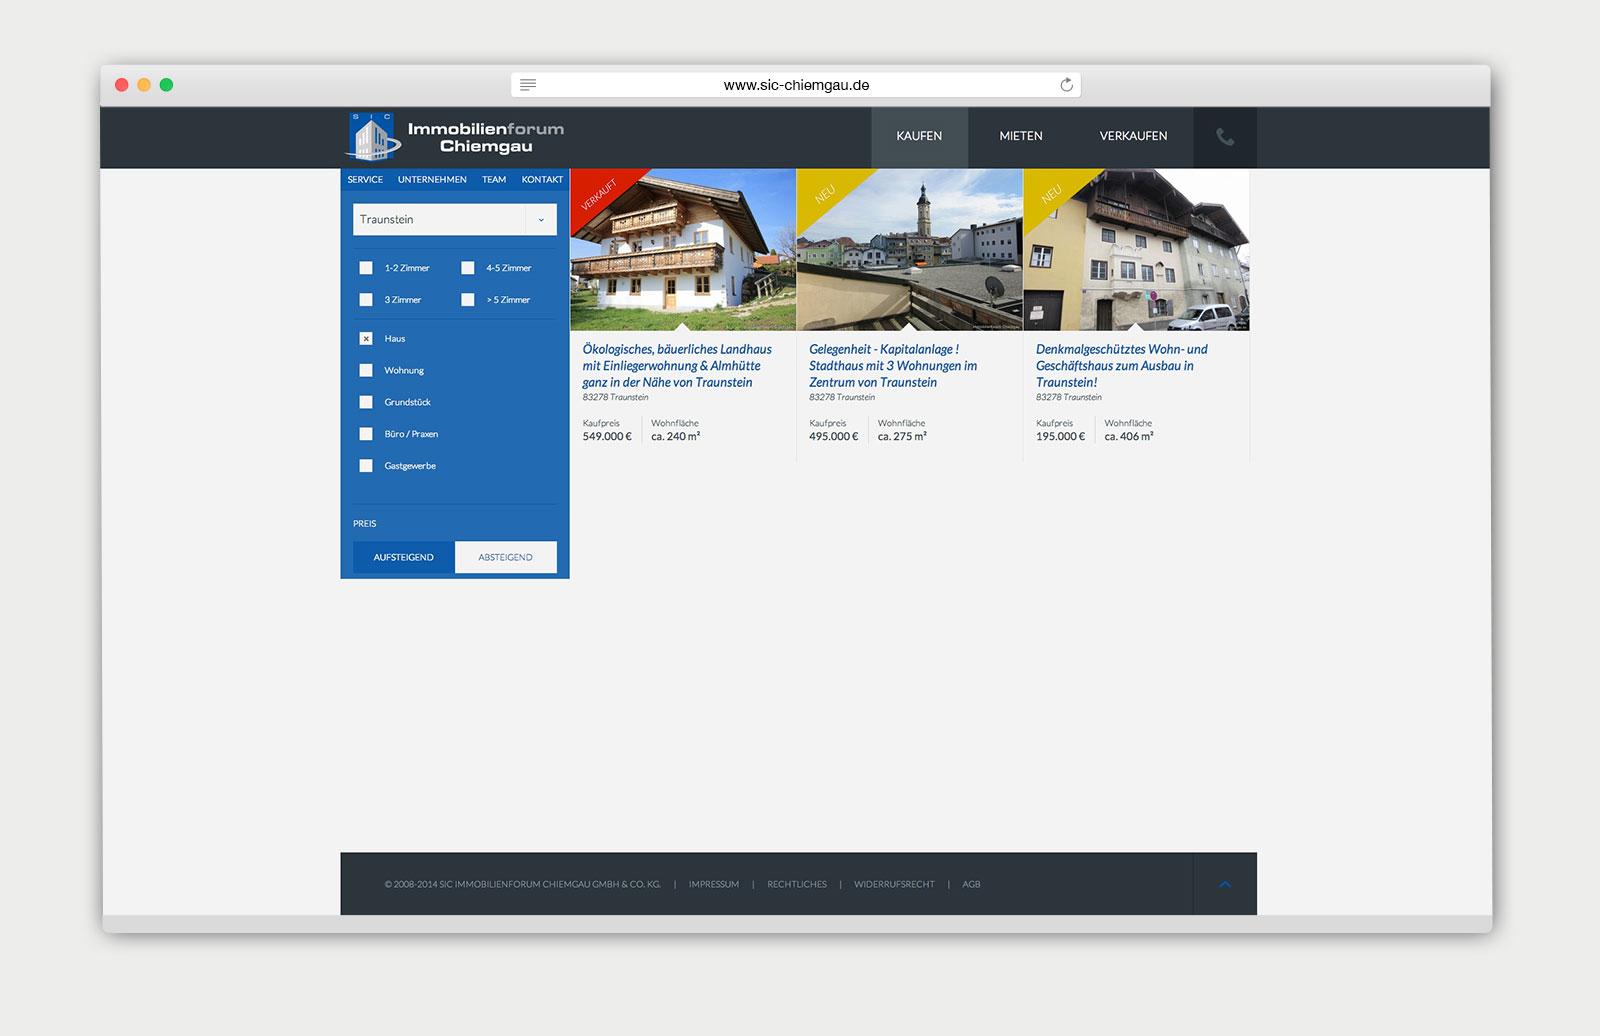 Immobilienforum Chiemgau Detailansicht